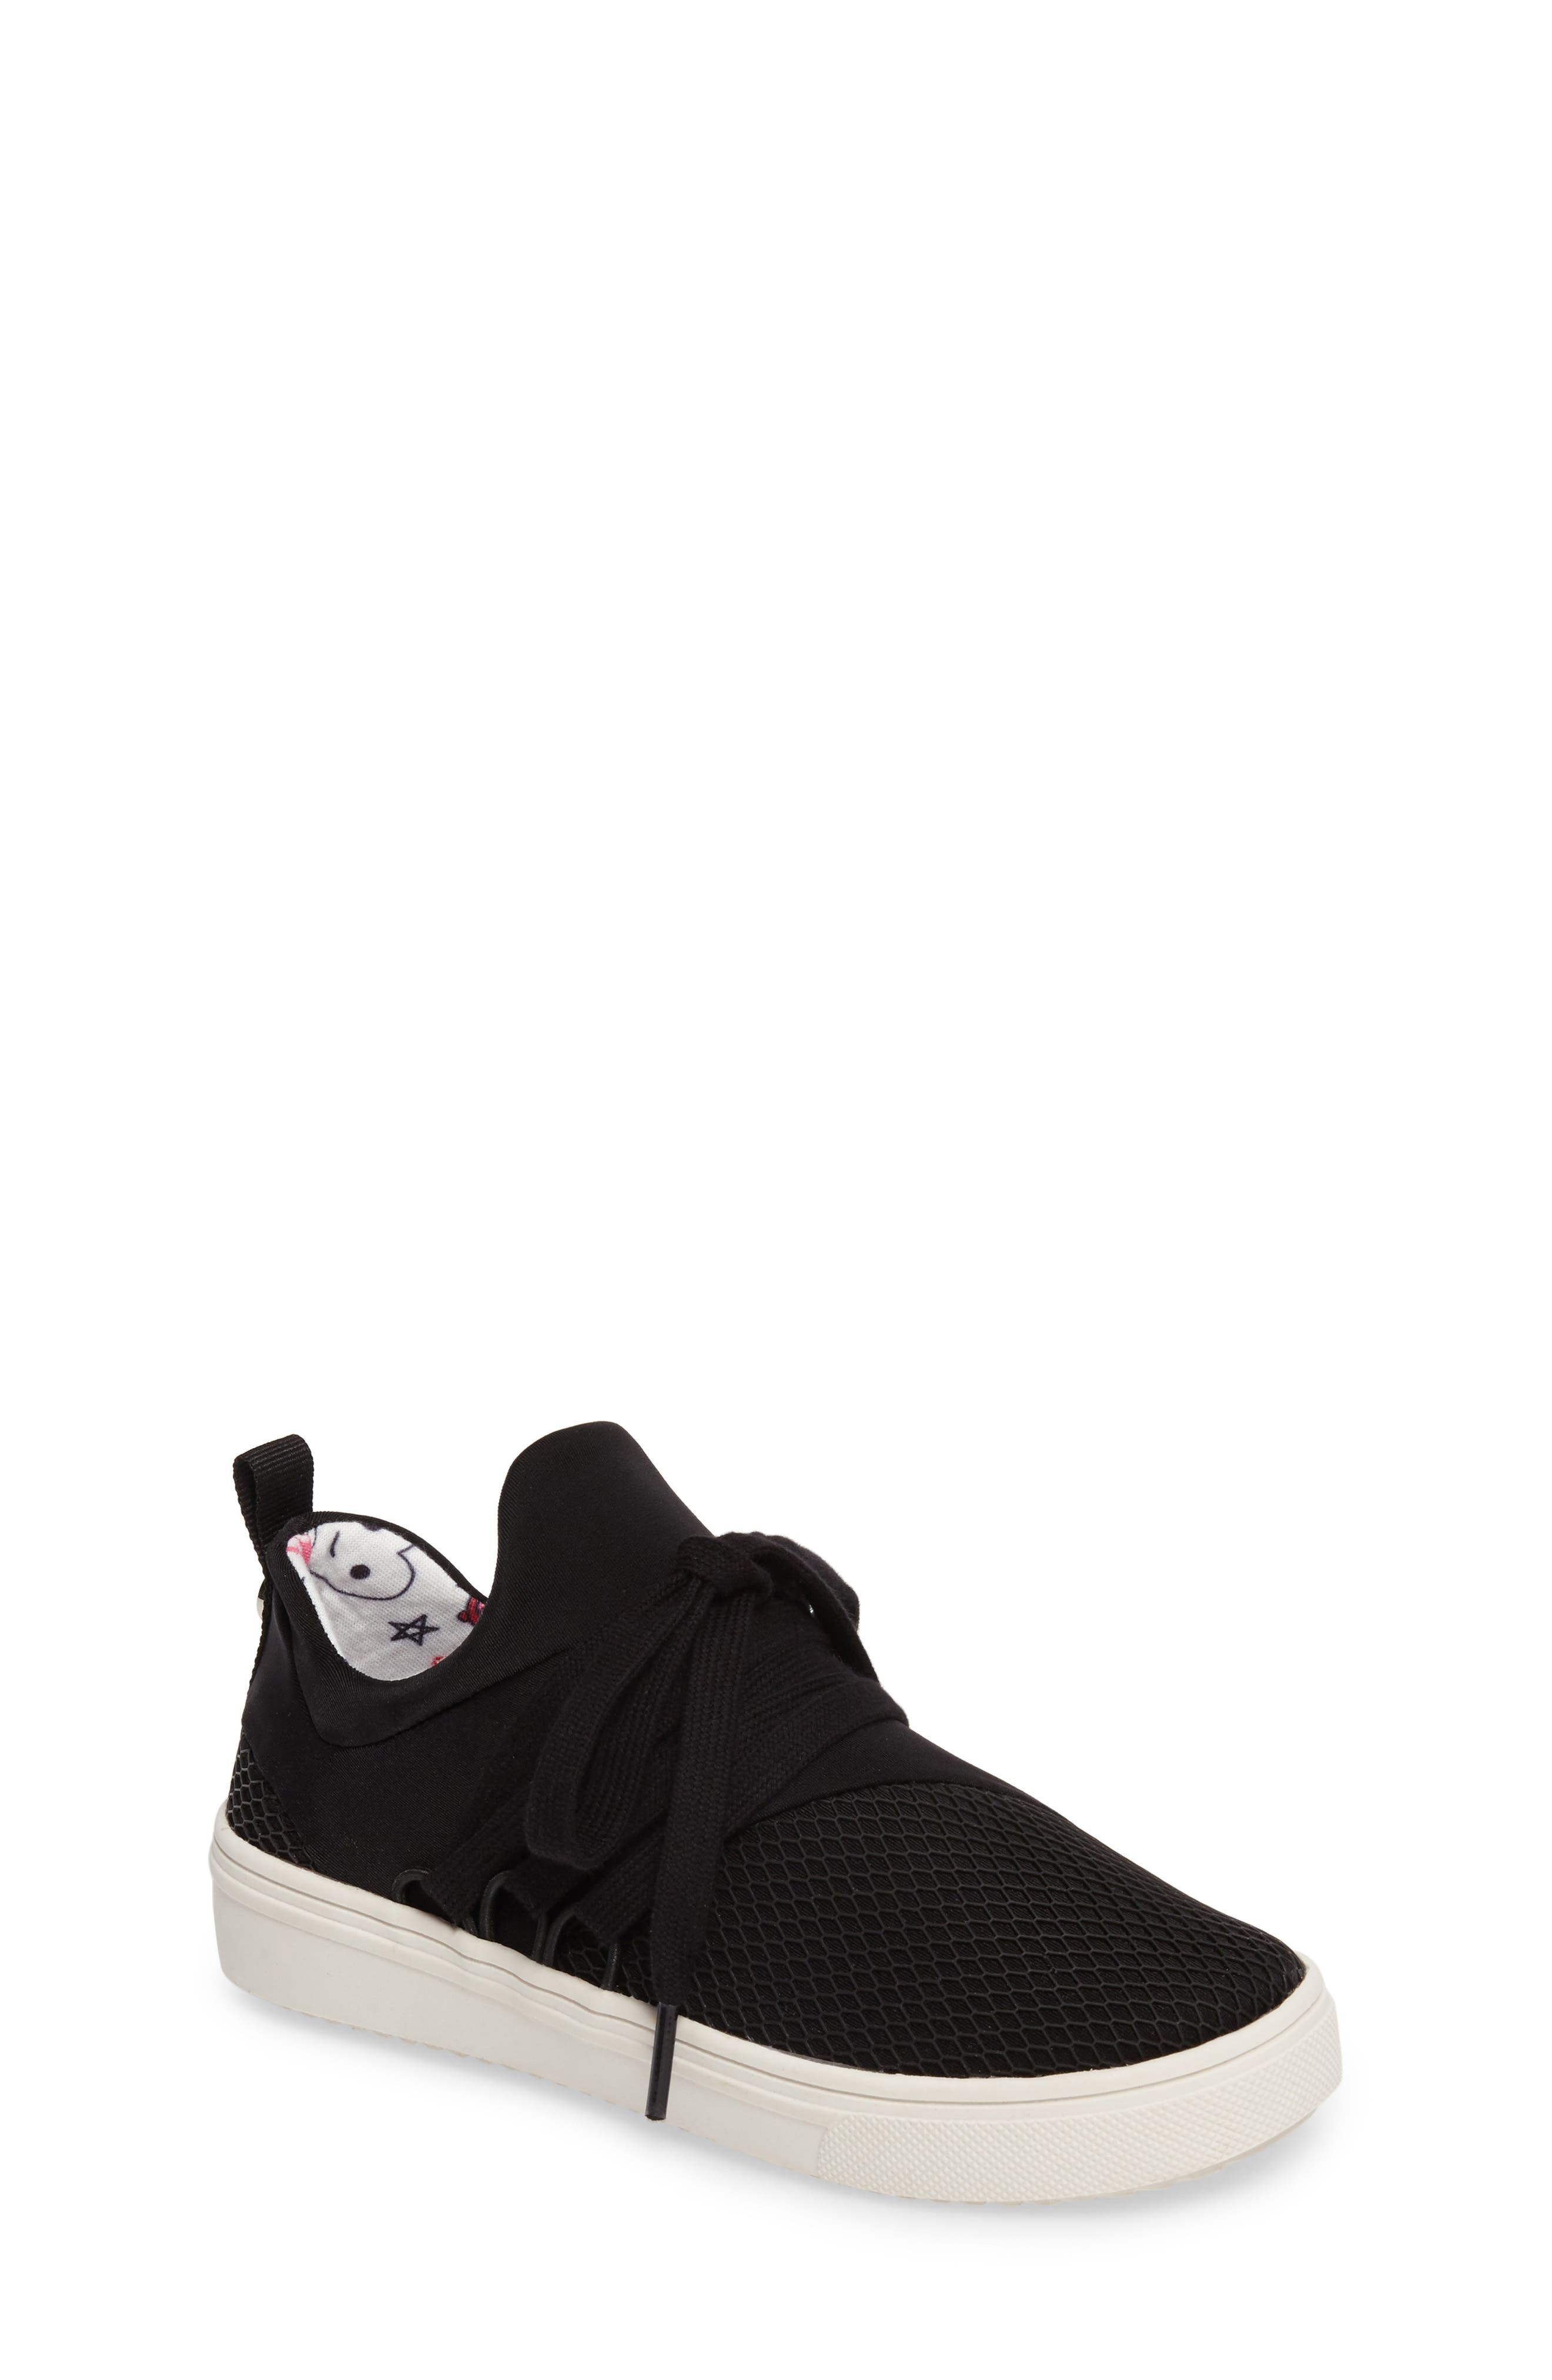 Steve Madden Lancer Mesh Sock-Fit Sneaker (Little Kid & Big Kid)